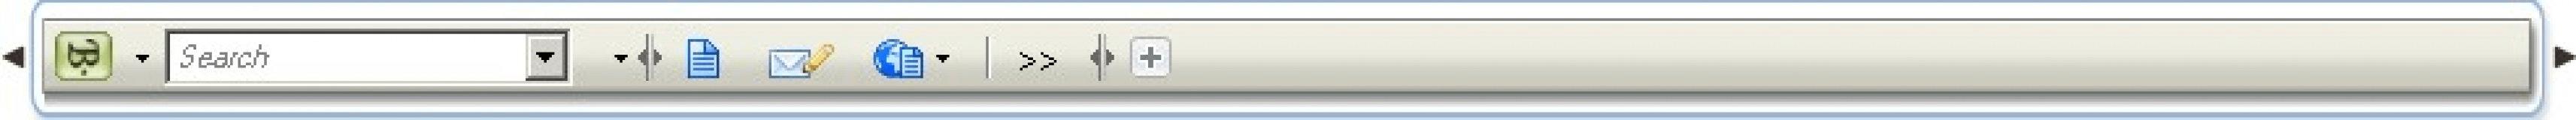 behnevis toolbar